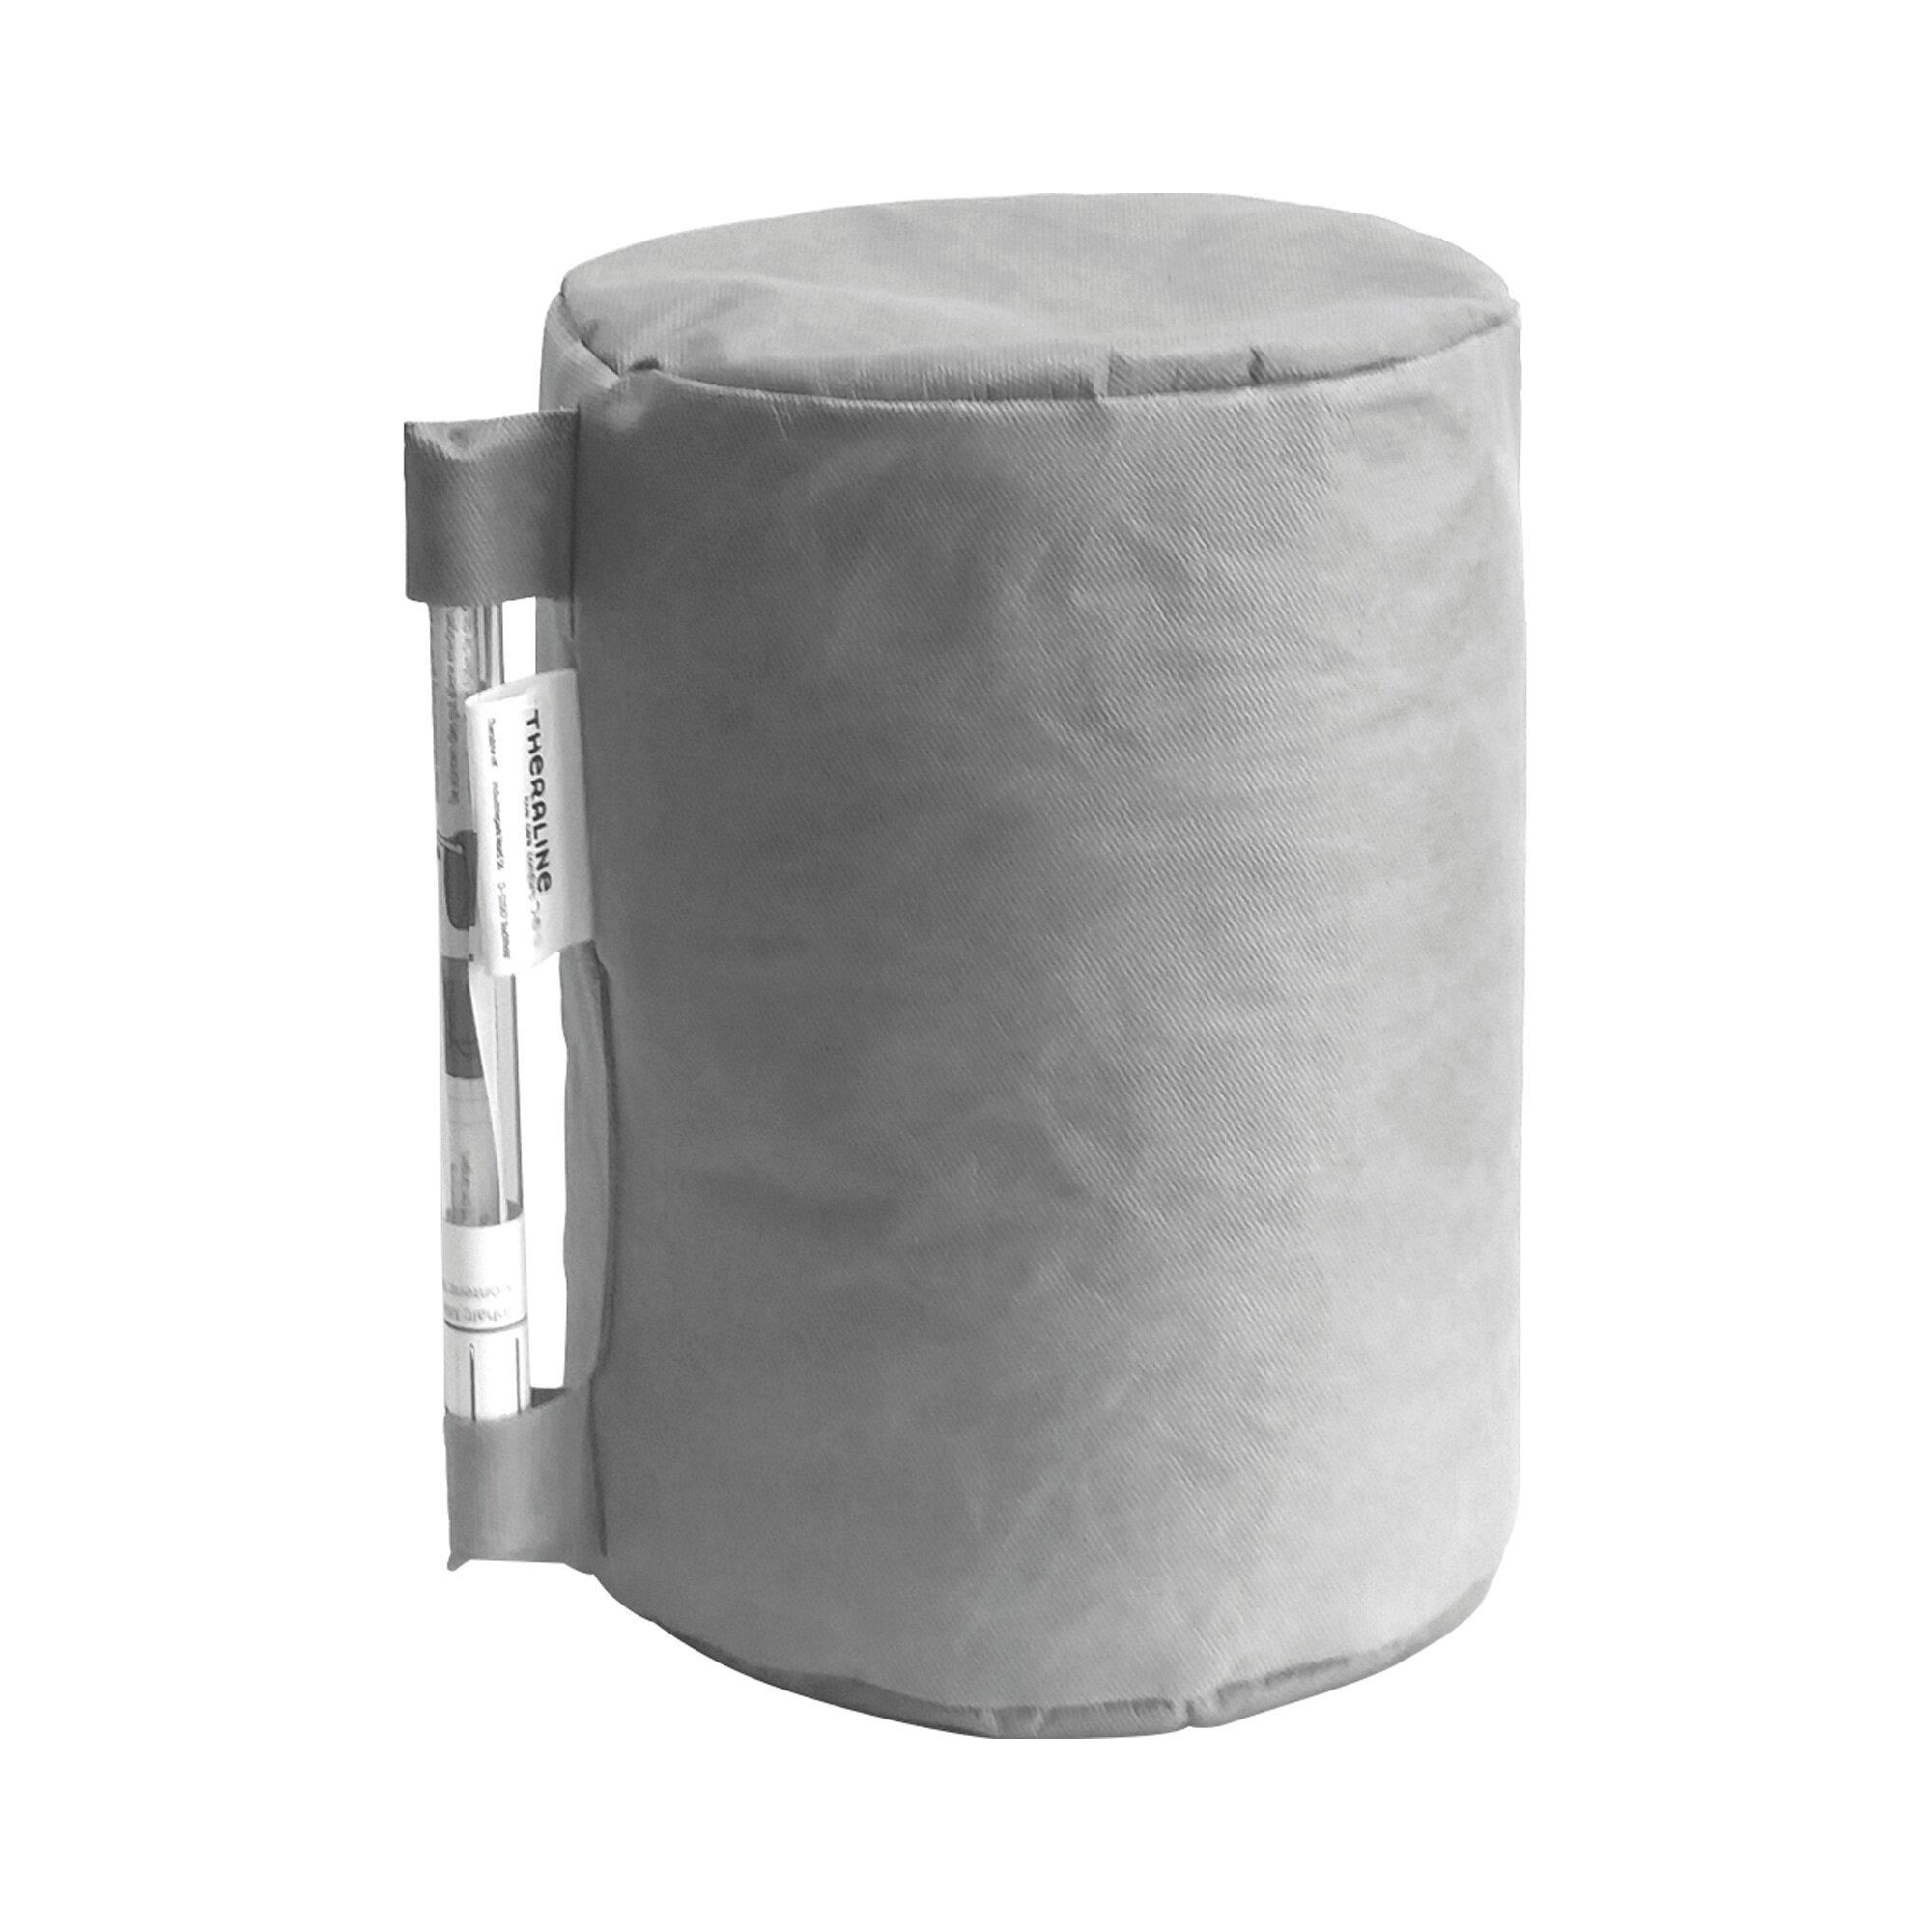 theraline-nachfullpackung-fur-stillkissen-inklusive-rohr-9-5-l